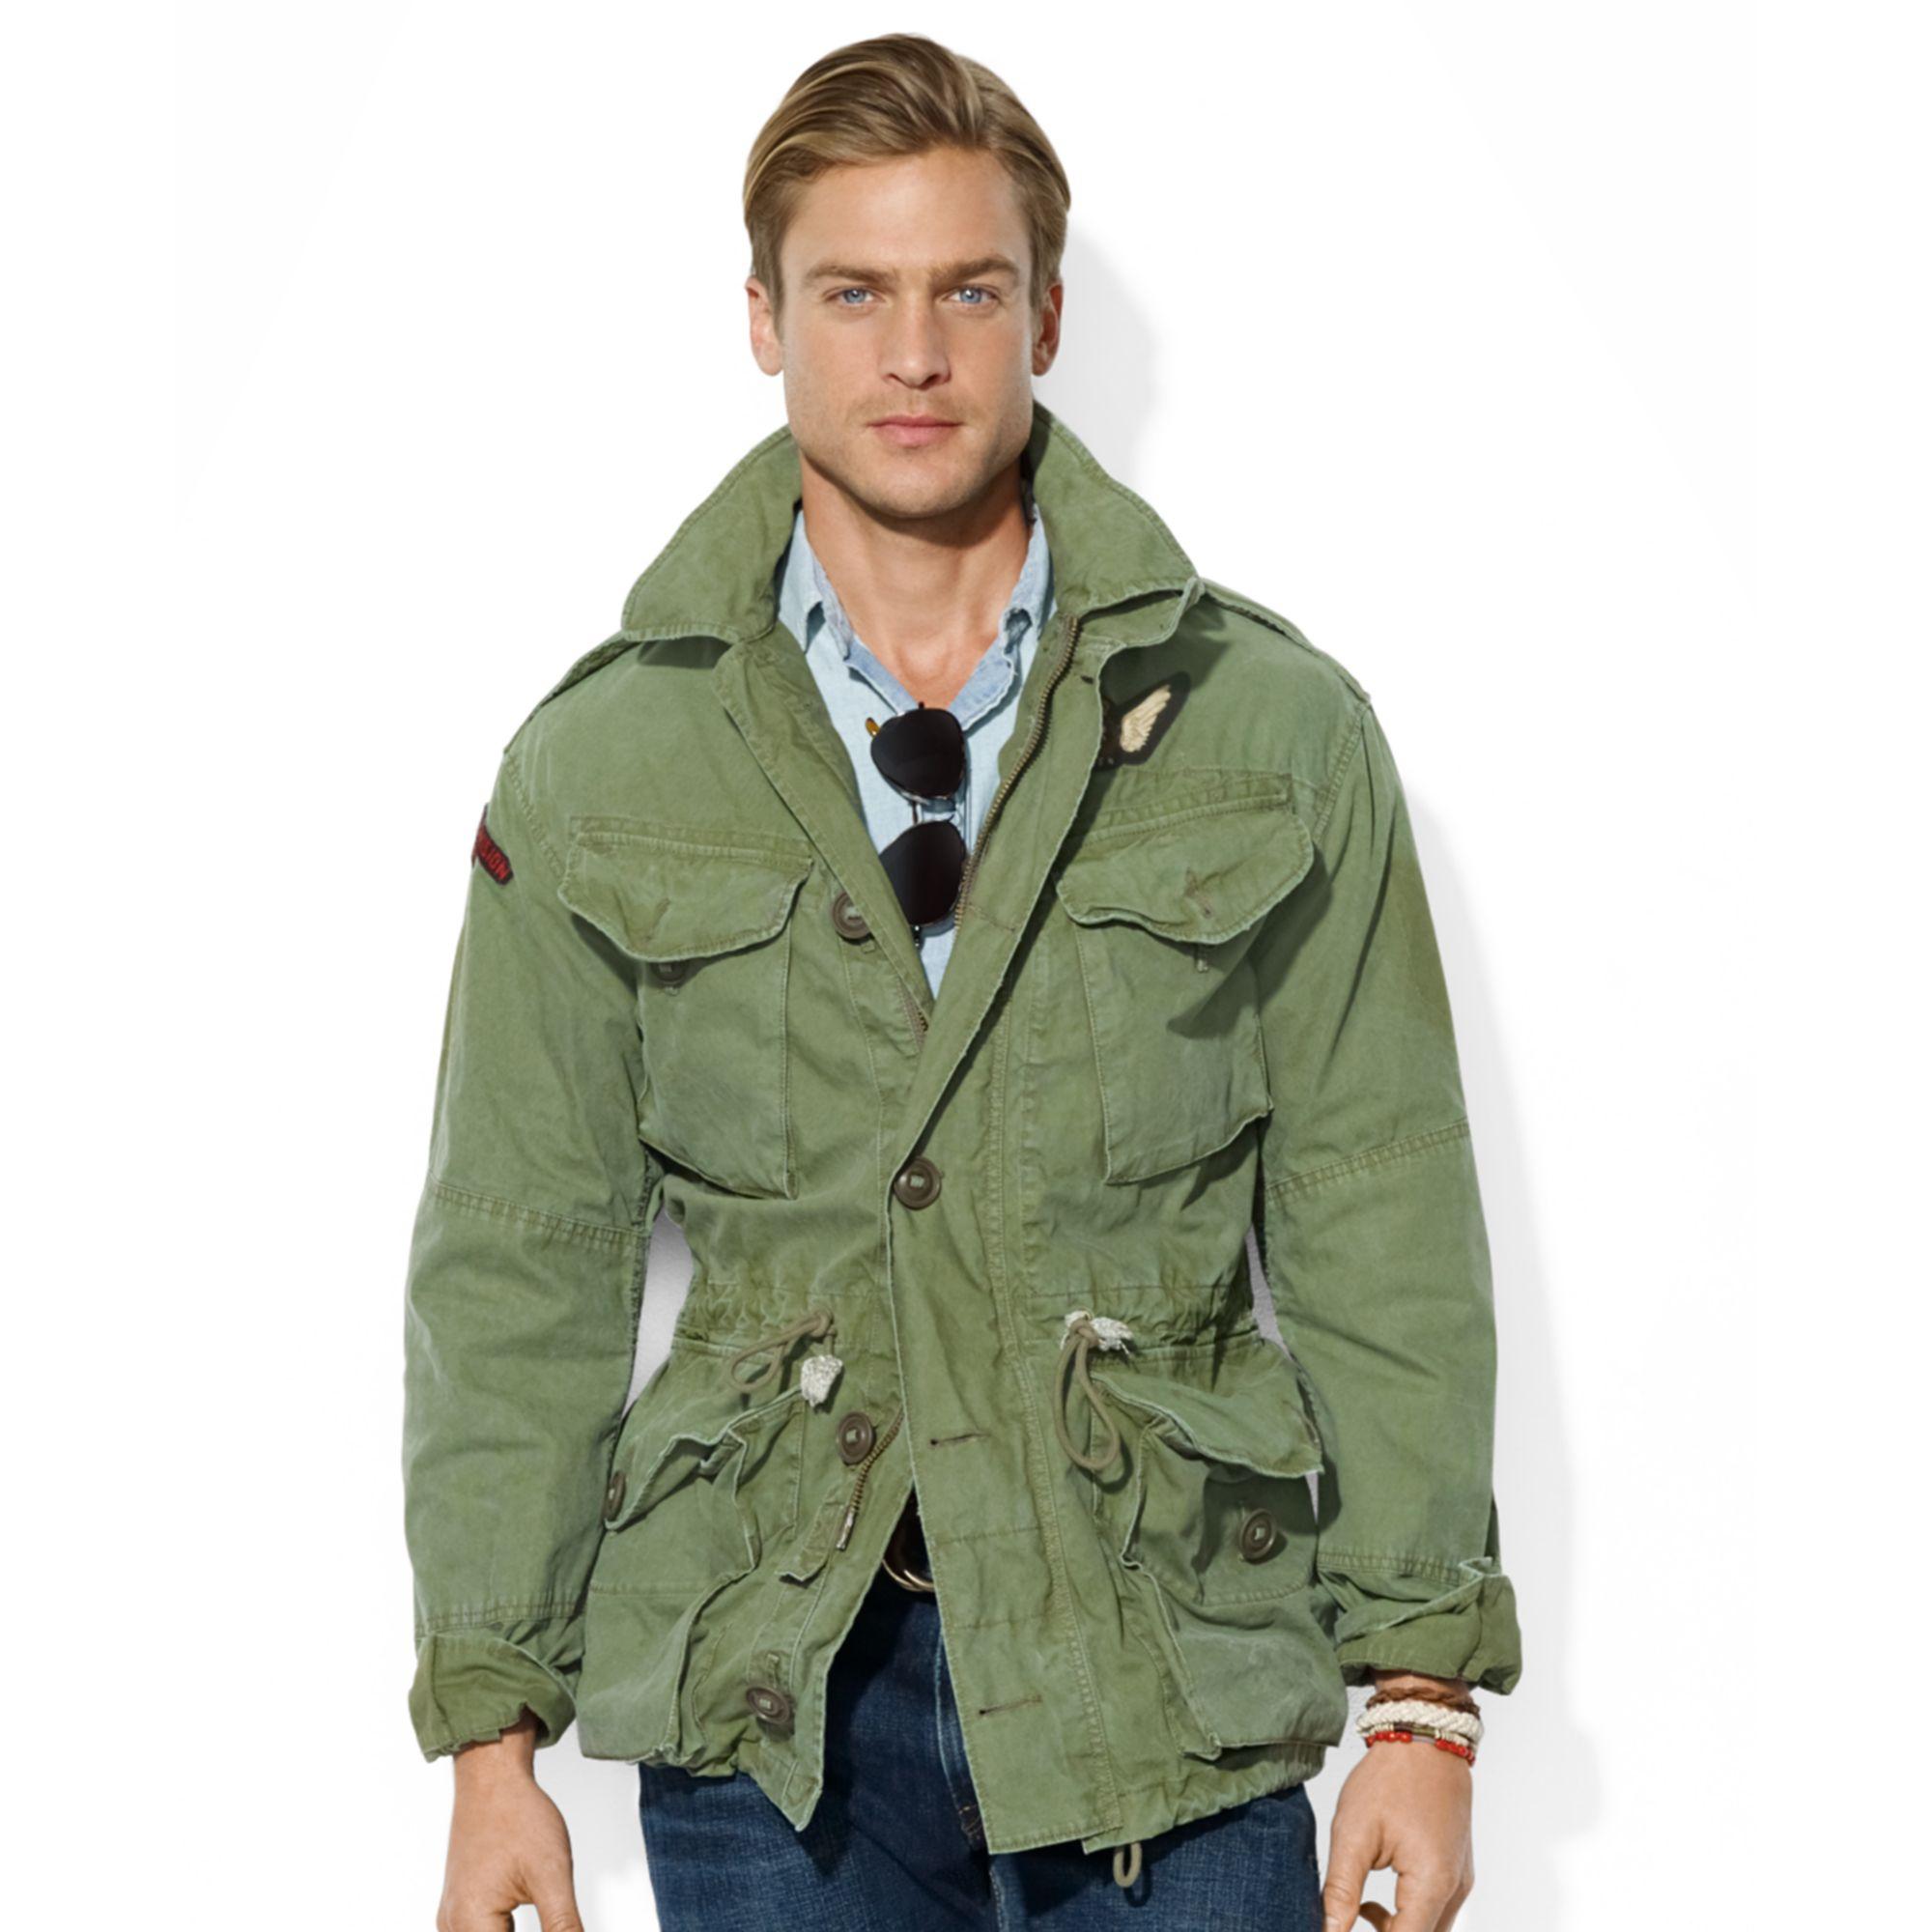 Ralph Lauren Polo Eaglecrest Combat Jacket In Green For